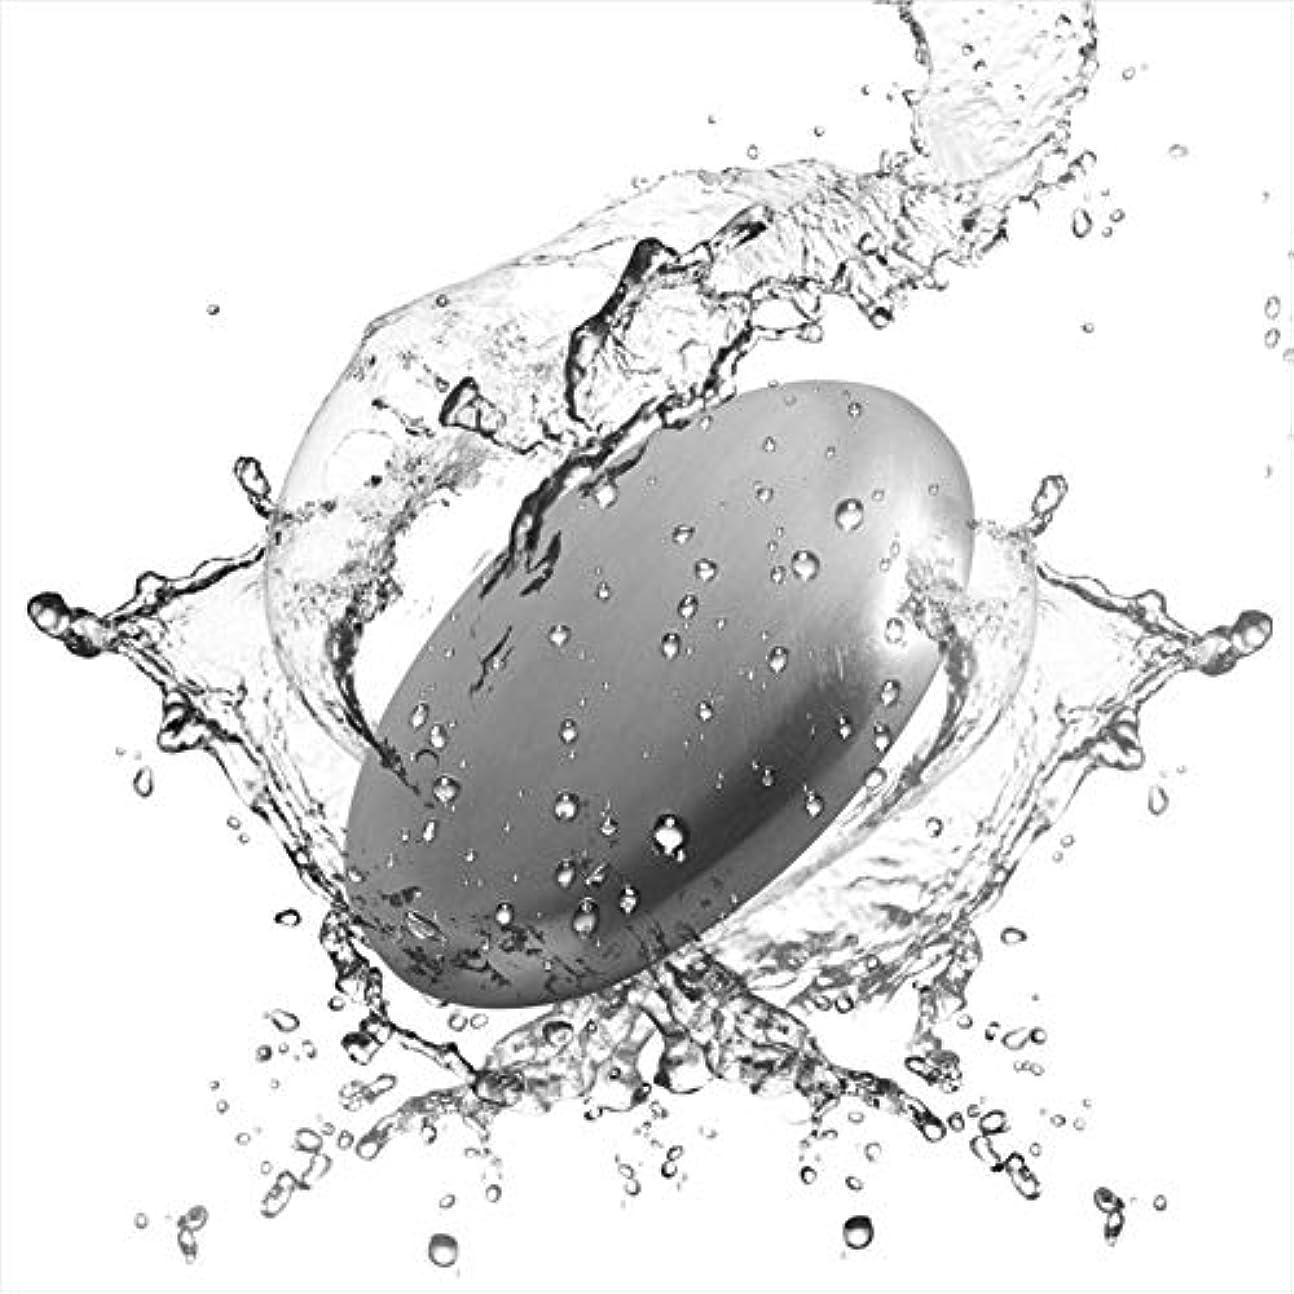 バイソン予言するフレットRefoiner ステンレス製品 ソープ 実用的な台所用具 石鹸 魚臭 玉ねぎやニンニク 異臭を取り除く 2個